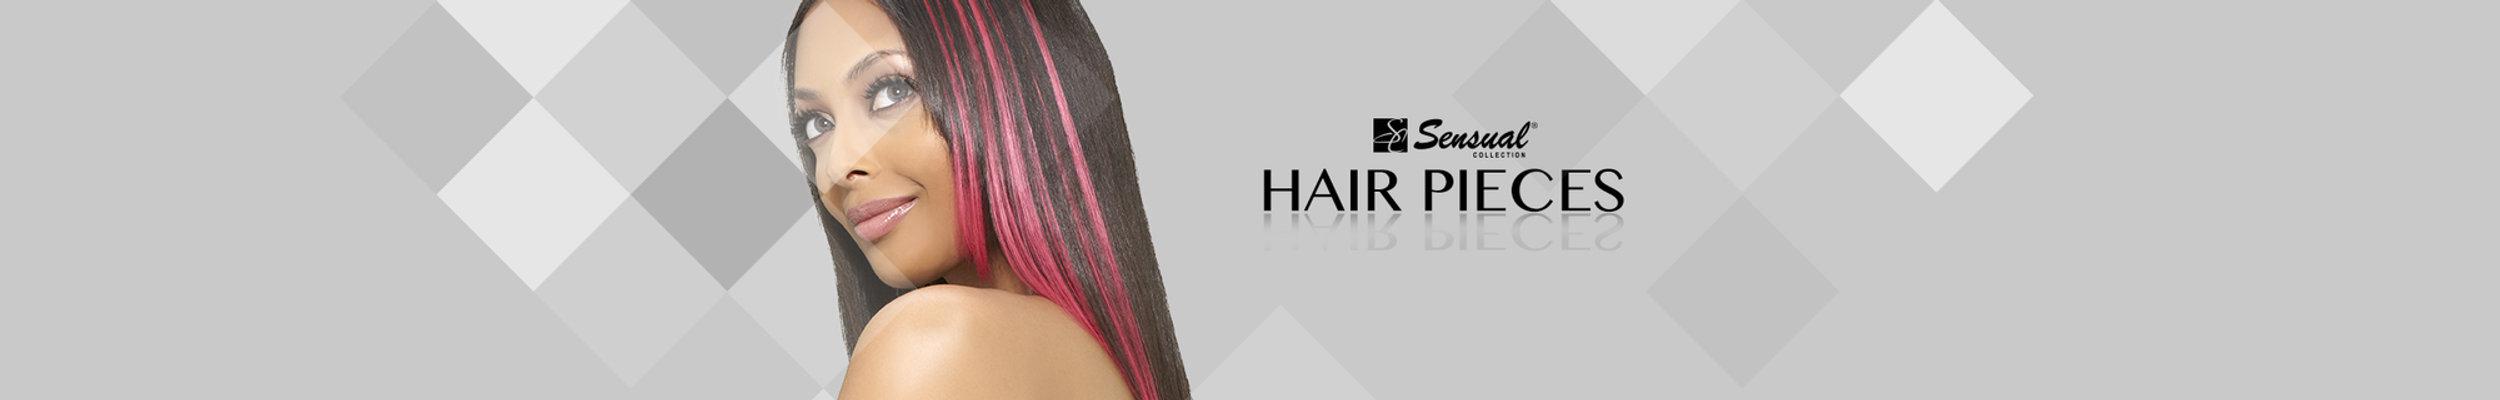 HAIR-PIECES.jpg